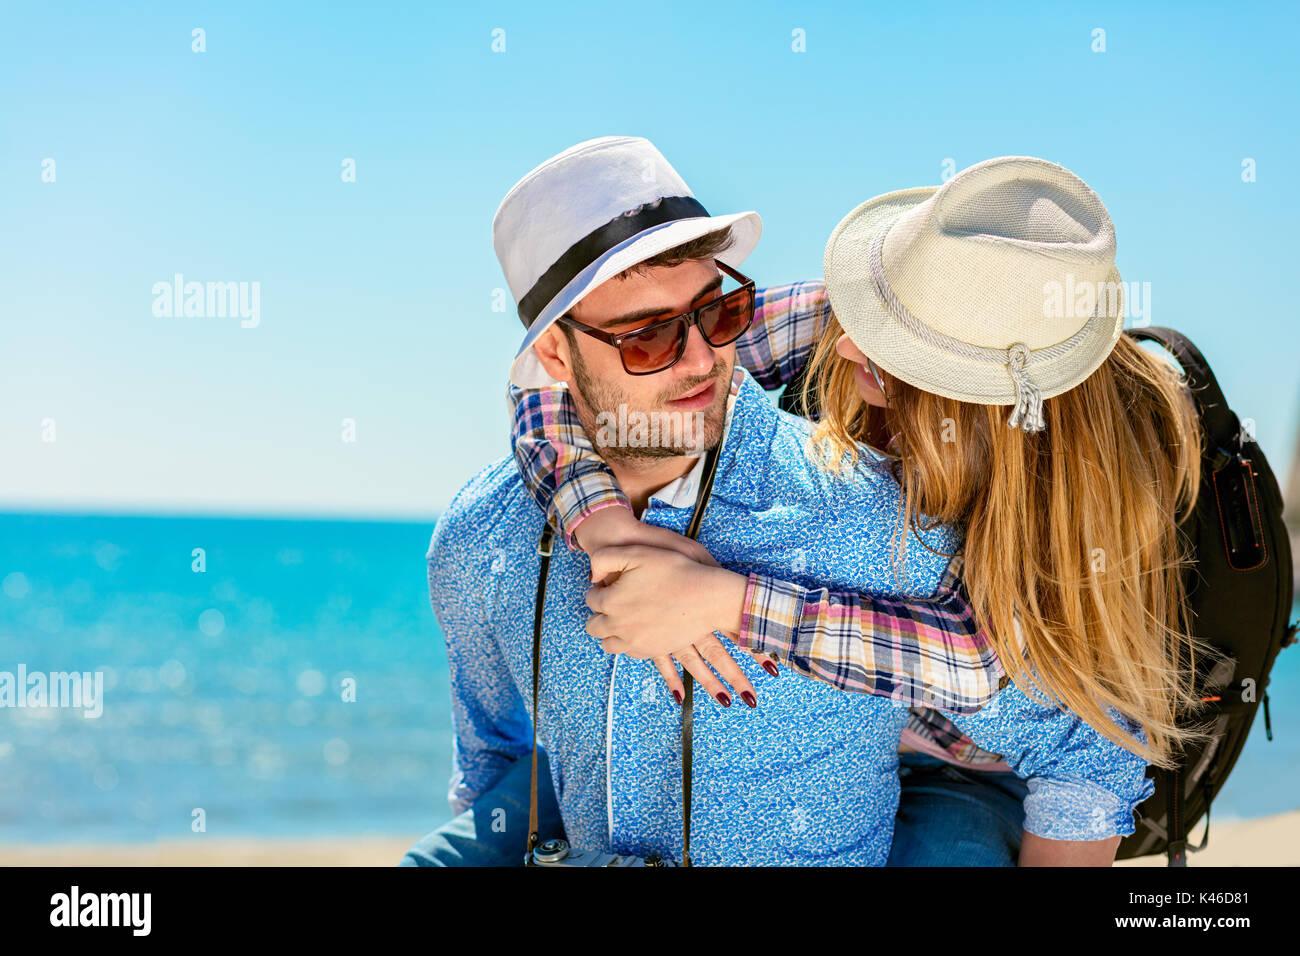 Uomo felice portando la sua fidanzata in un piggyback ride sia sorridente e guardando molto felice godersi le proprie vacanze Immagini Stock